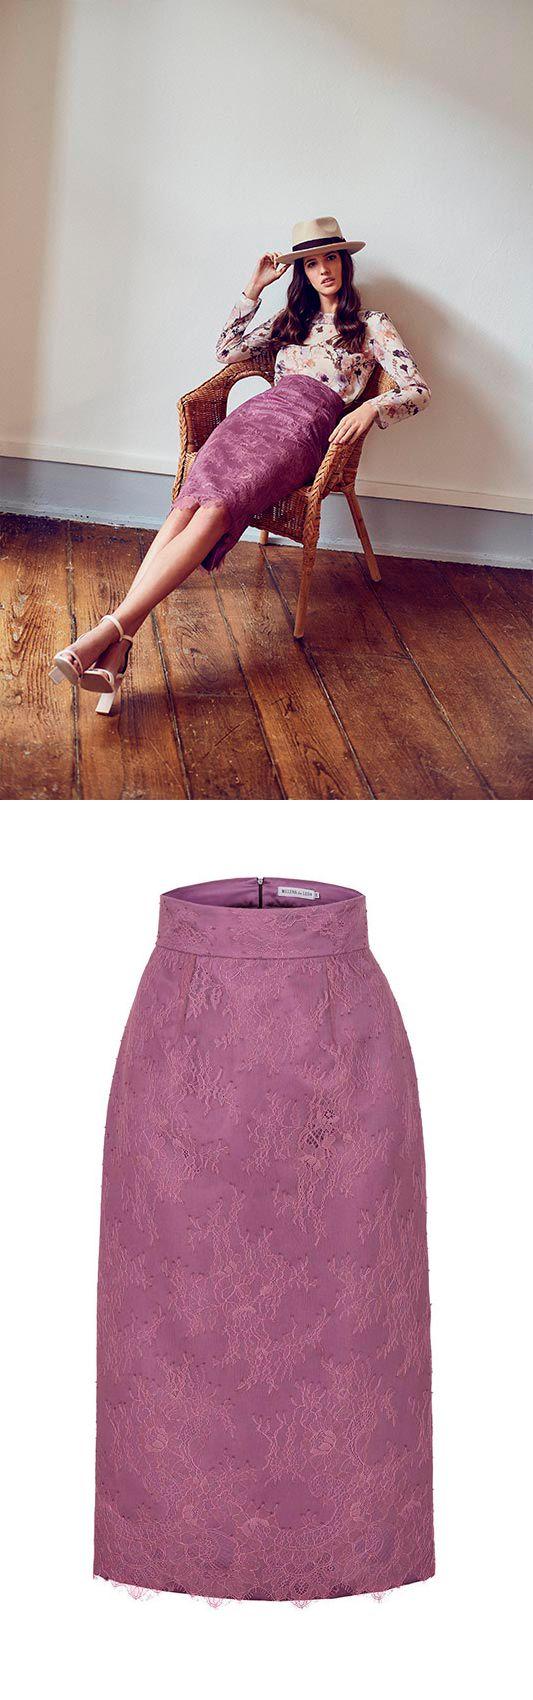 Falda tubo midi de encaje con cremallera invisible en centro espalda de Melena de León.